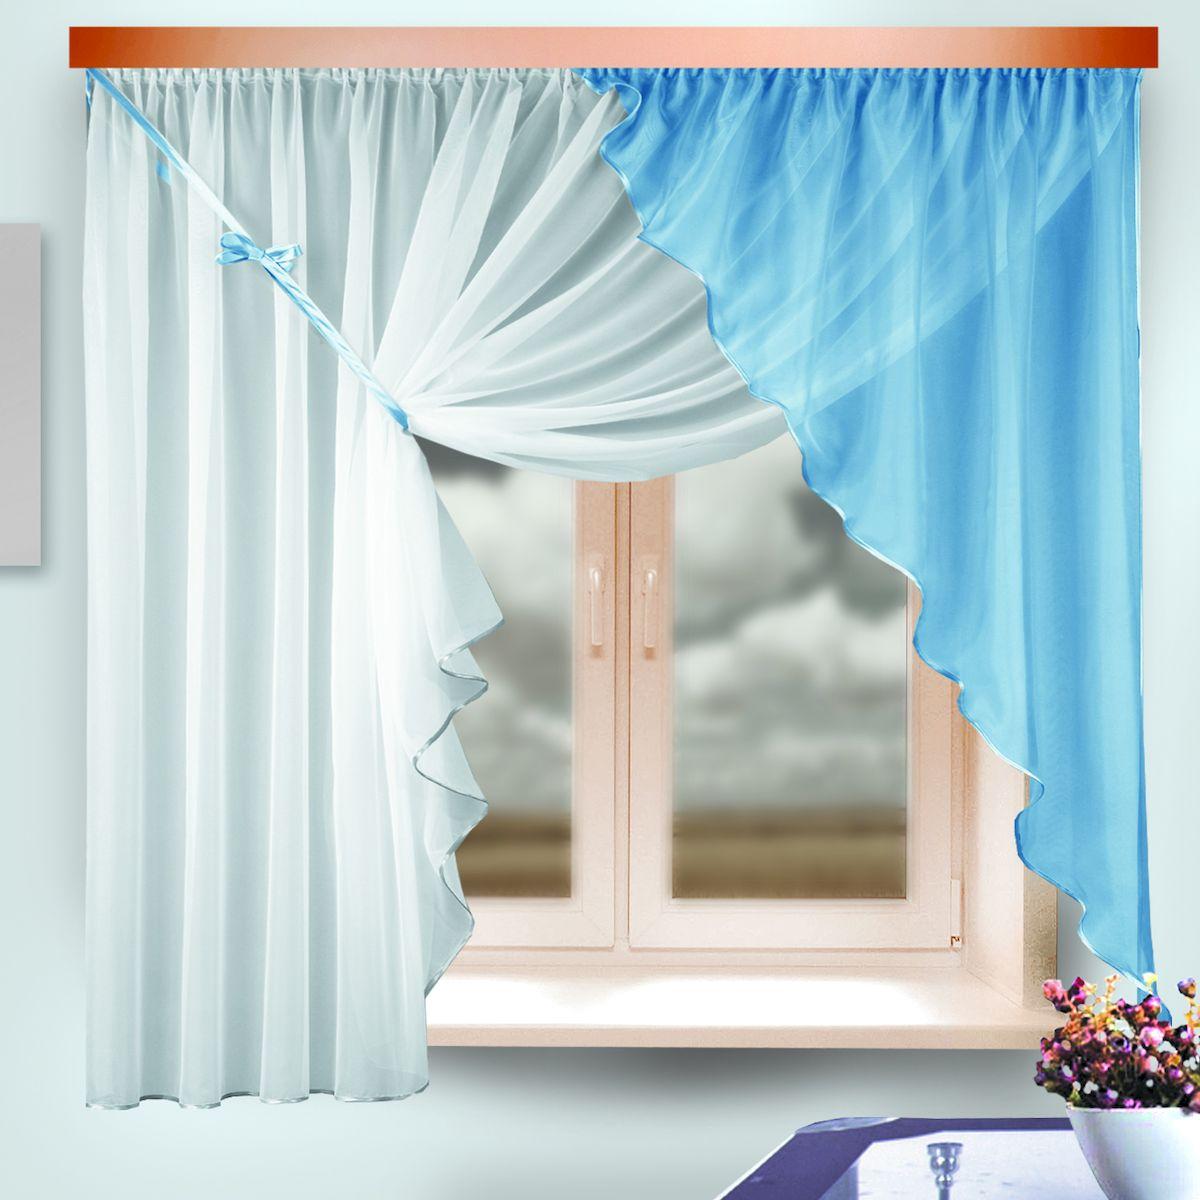 Комплект штор для кухни Zlata Korunka, на ленте, цвет: белый, голубой, высота 170 см. 333310333310Комплект штор для кухни Zlata Korunka, выполненный из полиэстера, великолепно украсит любое окно. Комплект состоит из ламбрекена и тюля. Оригинальный крой и приятная цветовая гамма привлекут к себе внимание и органично впишутся в интерьер помещения. Этот комплект будет долгое время радовать вас и вашу семью!Комплект крепится на карниз при помощи ленты, которая поможет красиво и равномерно задрапировать верх.В комплект входит: Ламбрекен: 1 шт. Размер (Ш х В): 142 х 170 см. Тюль: 1 шт. Размер (Ш х В): 290 х 170 см.